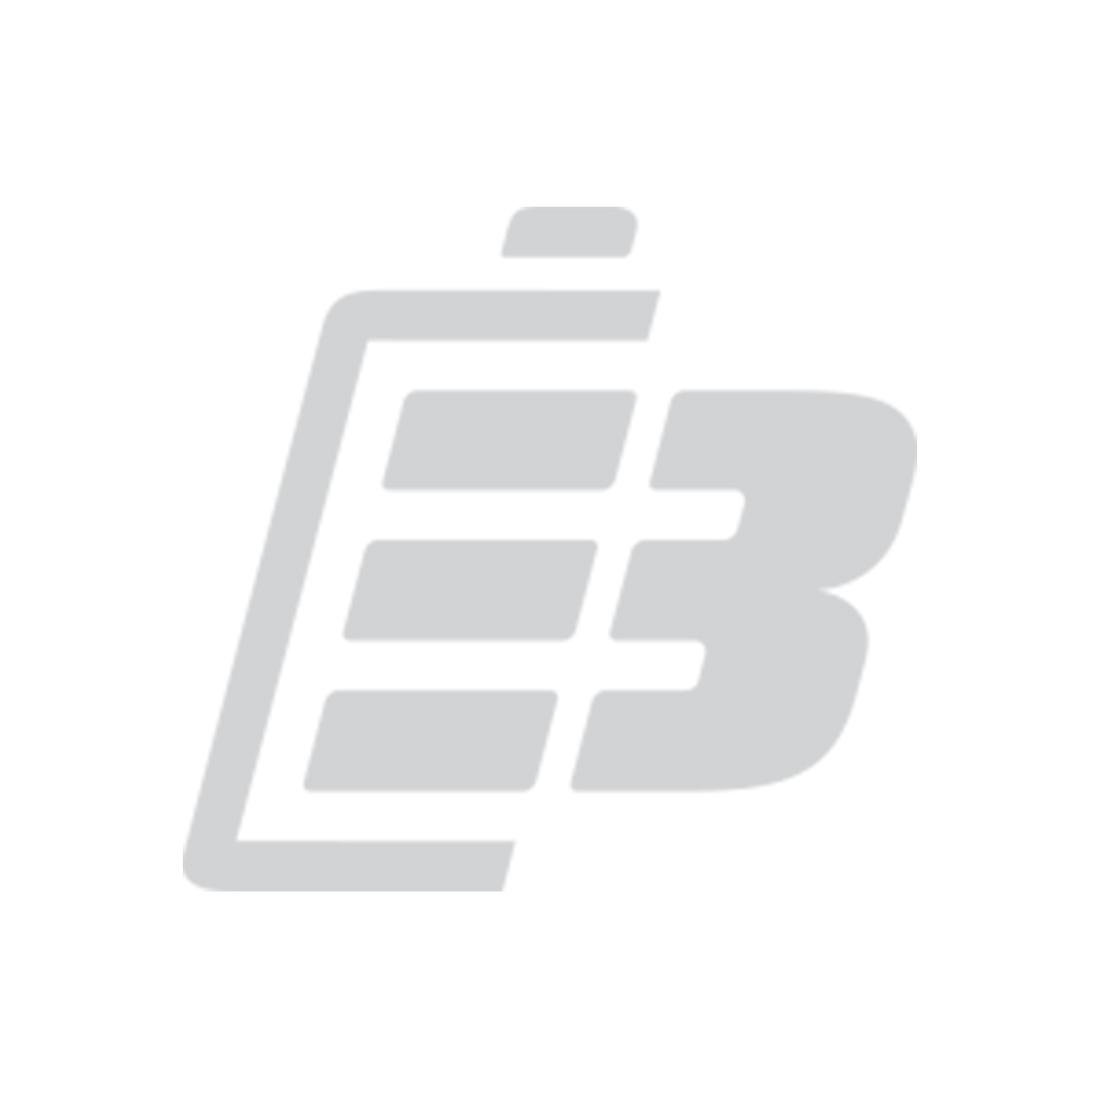 Laptop battery Toshiba Portege Z930_1